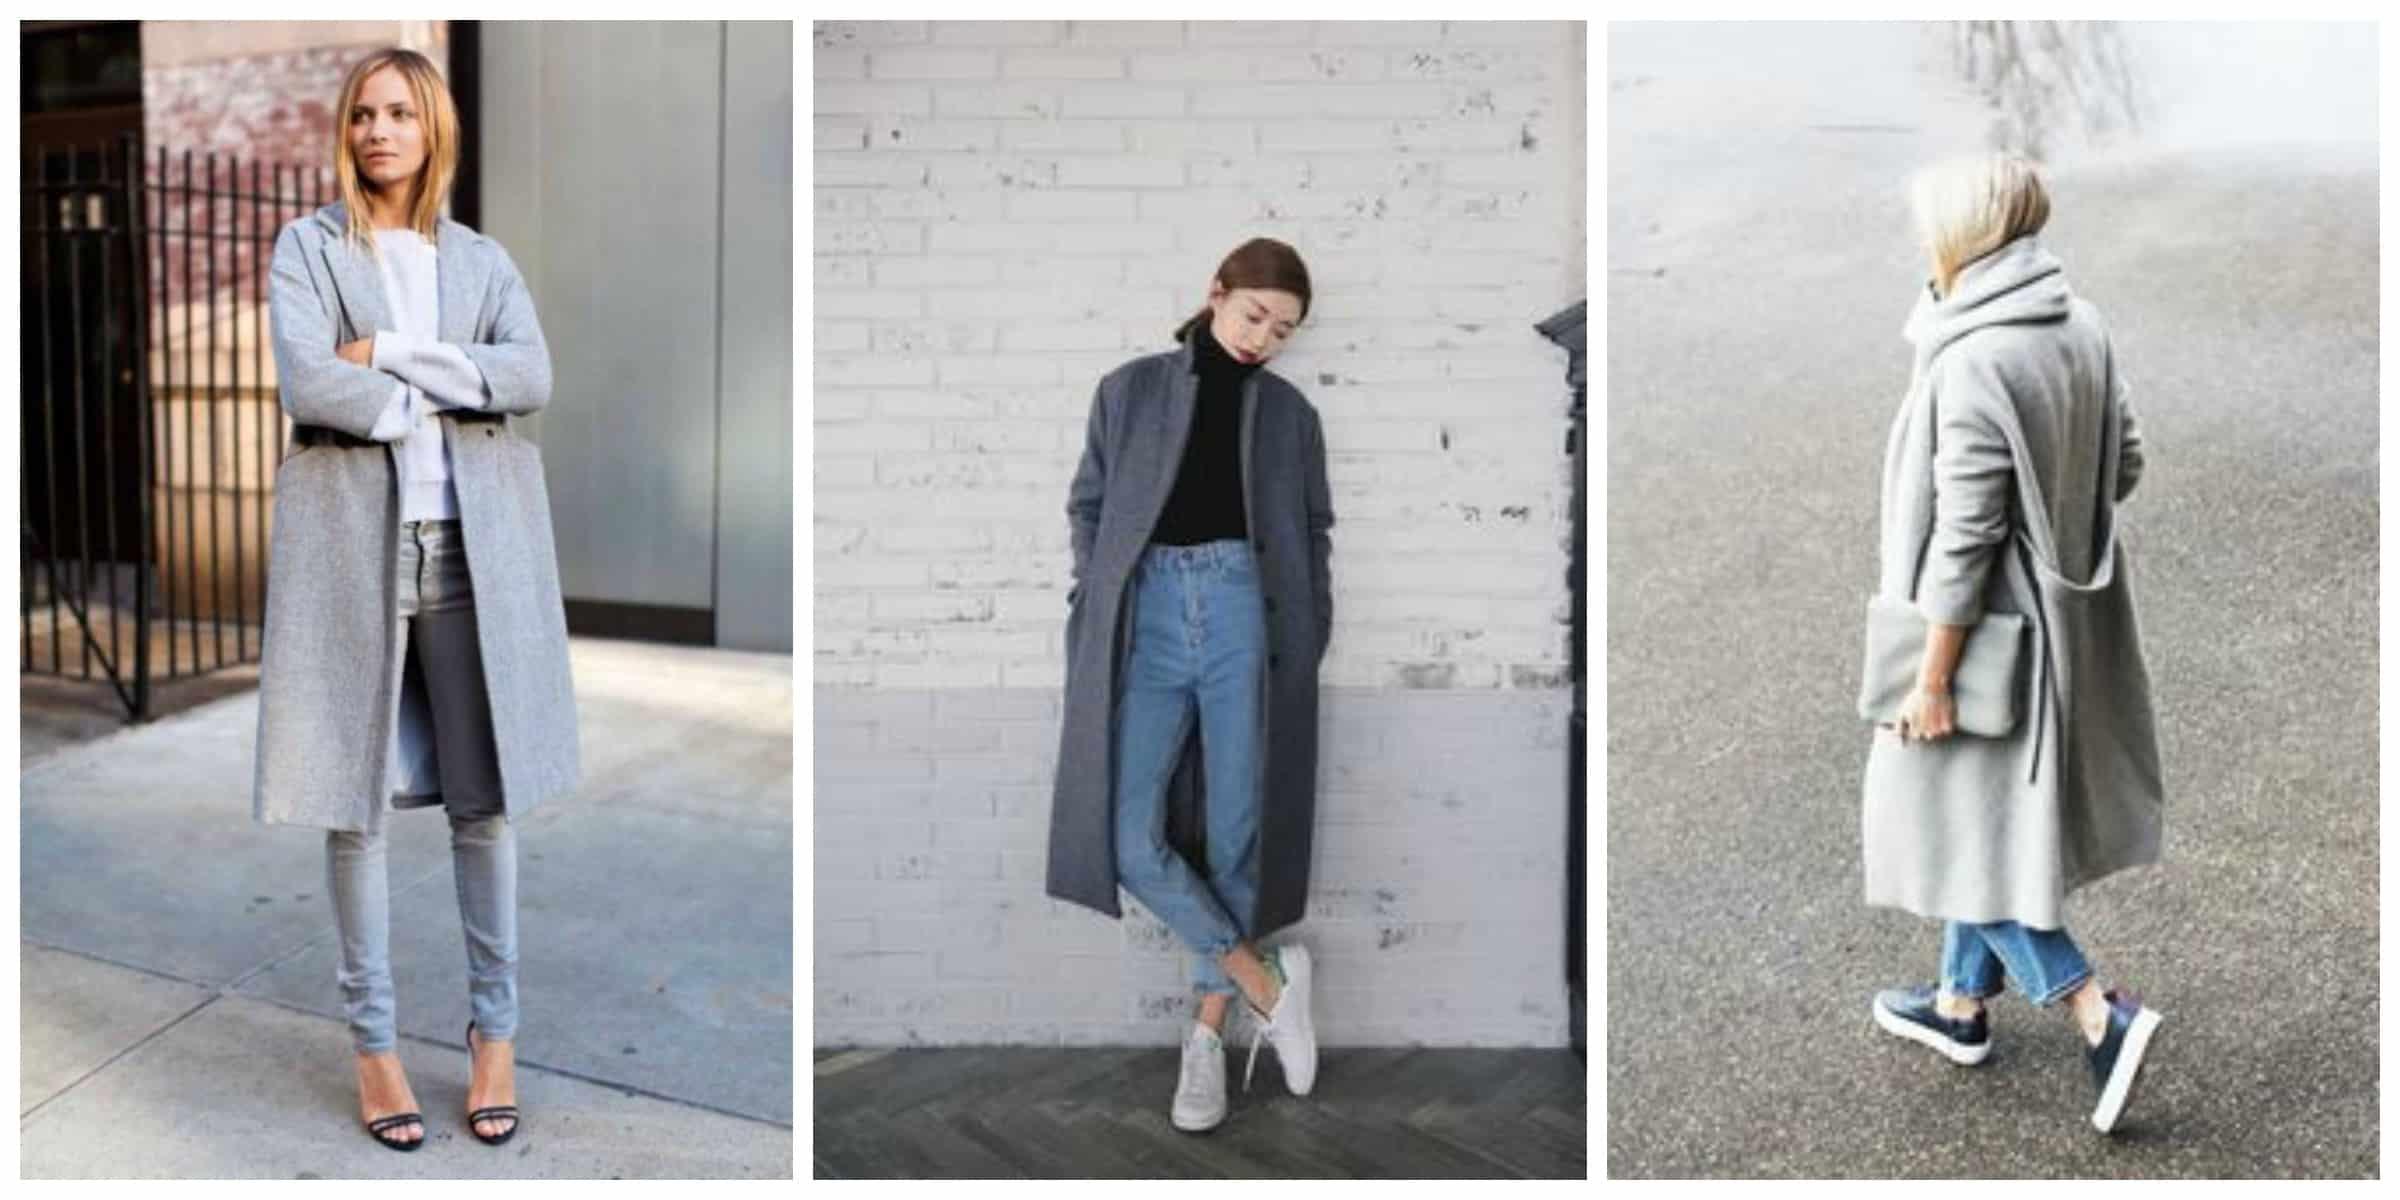 coats battle grey coat vs camel coat fashiontag blog #0: grey winter coats